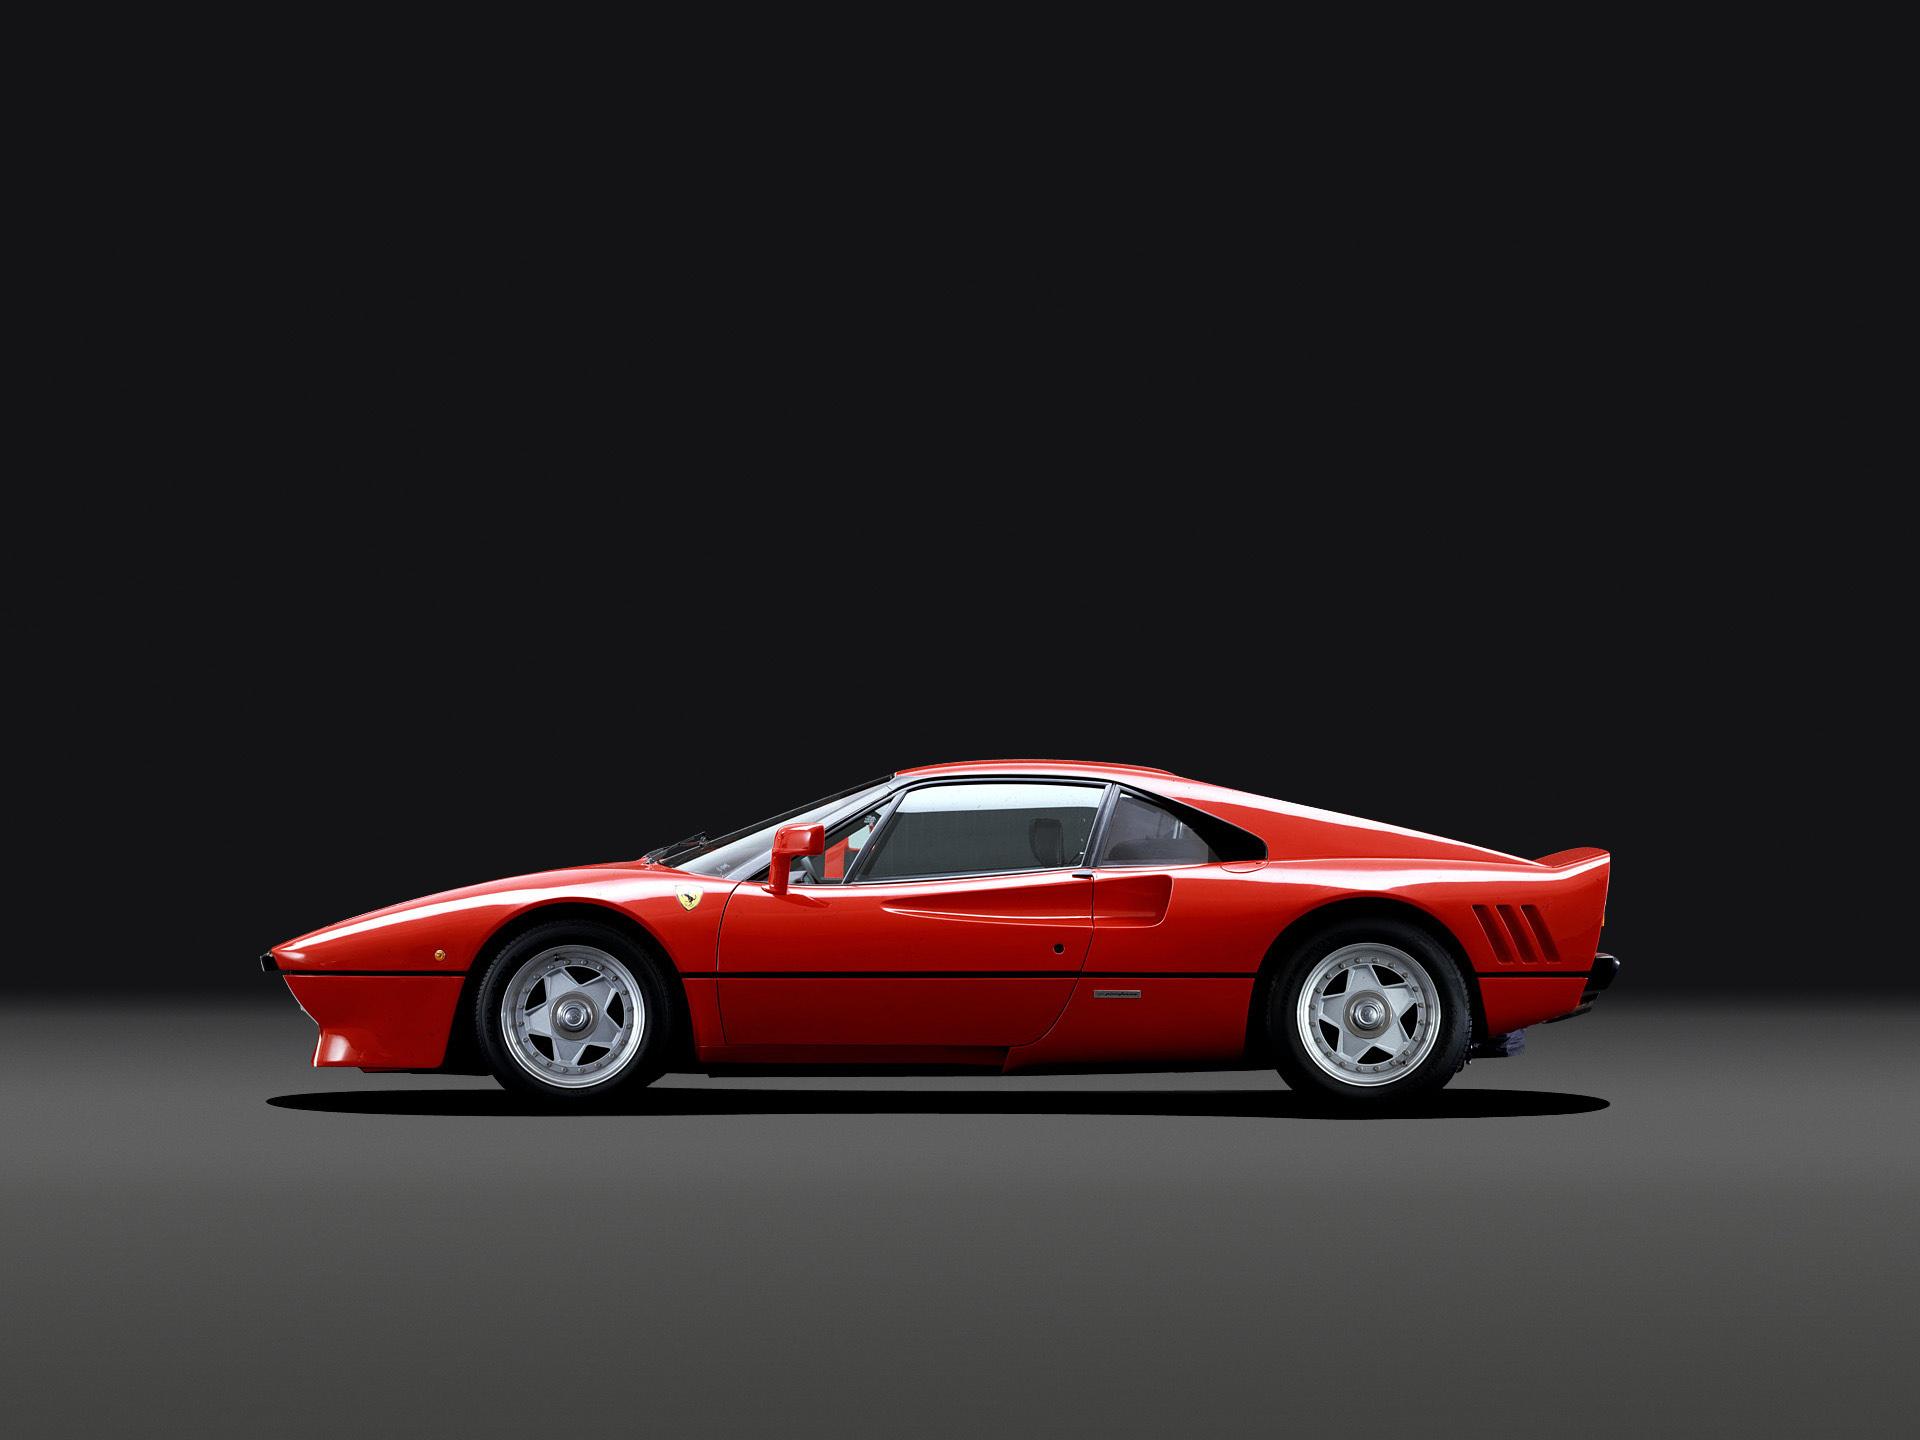 11+ Ferrari Wallpaper Gto  Pictures